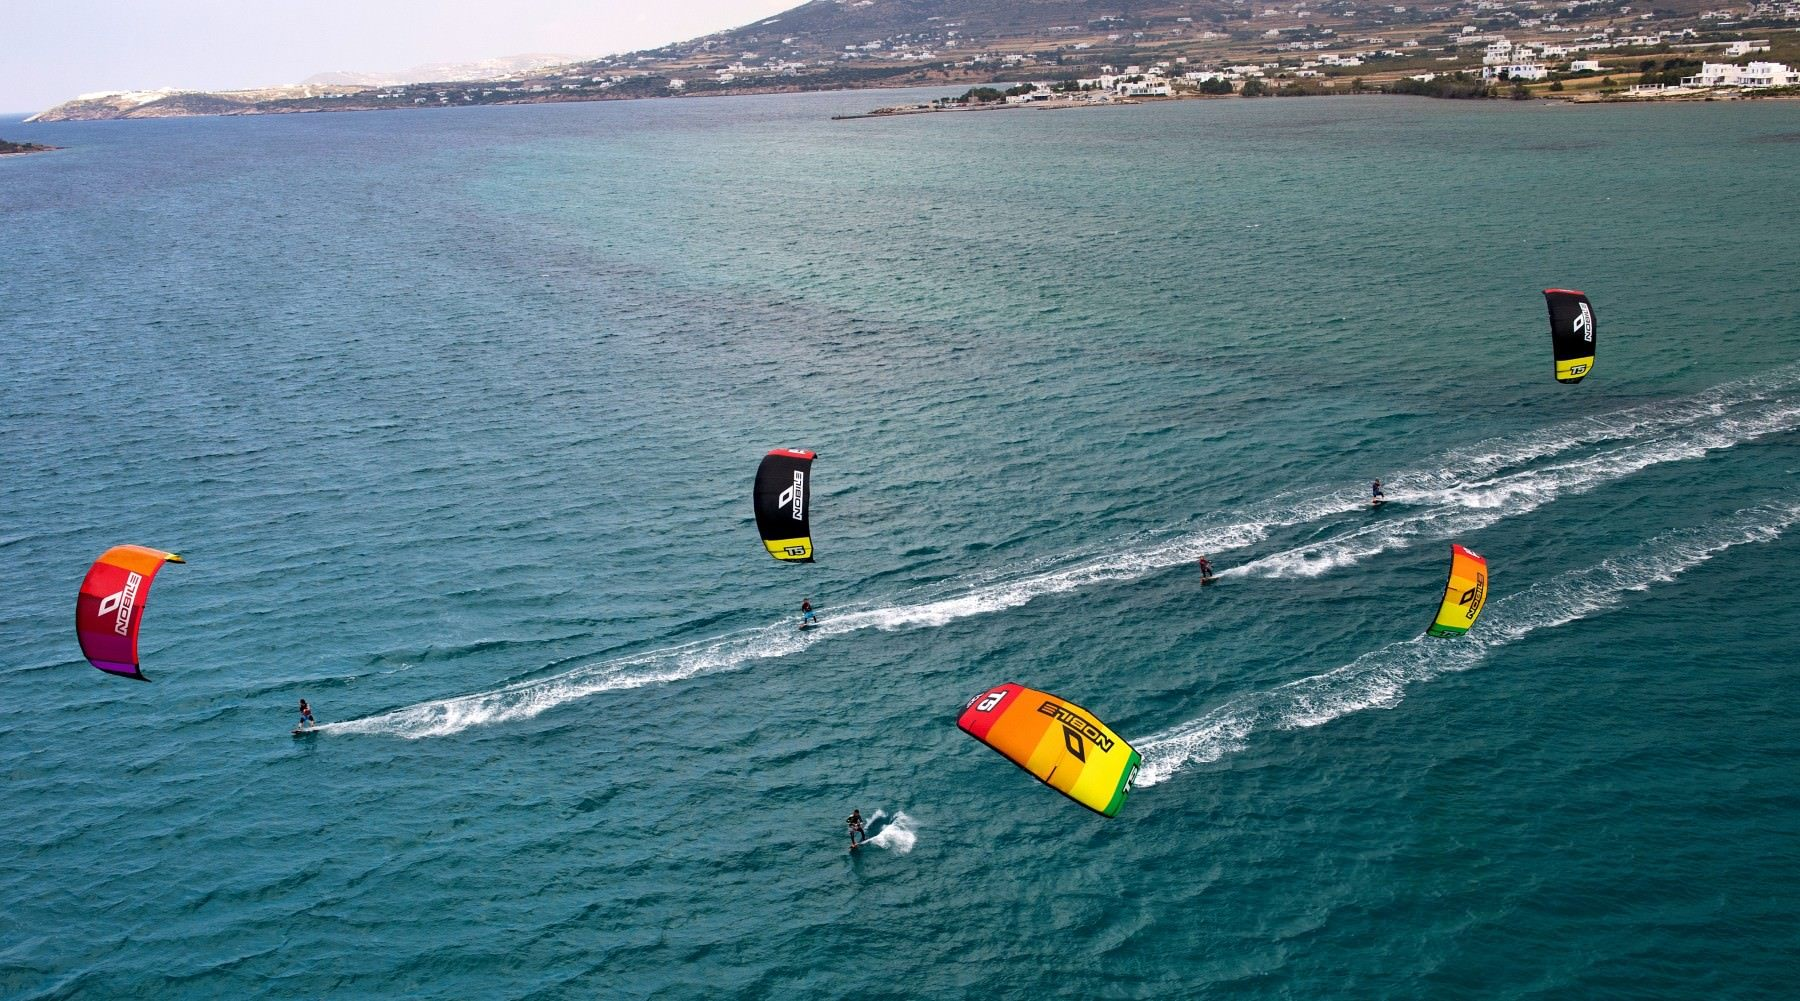 kurs-kitesurfing-kitecrew-szko_C5_82a-kite